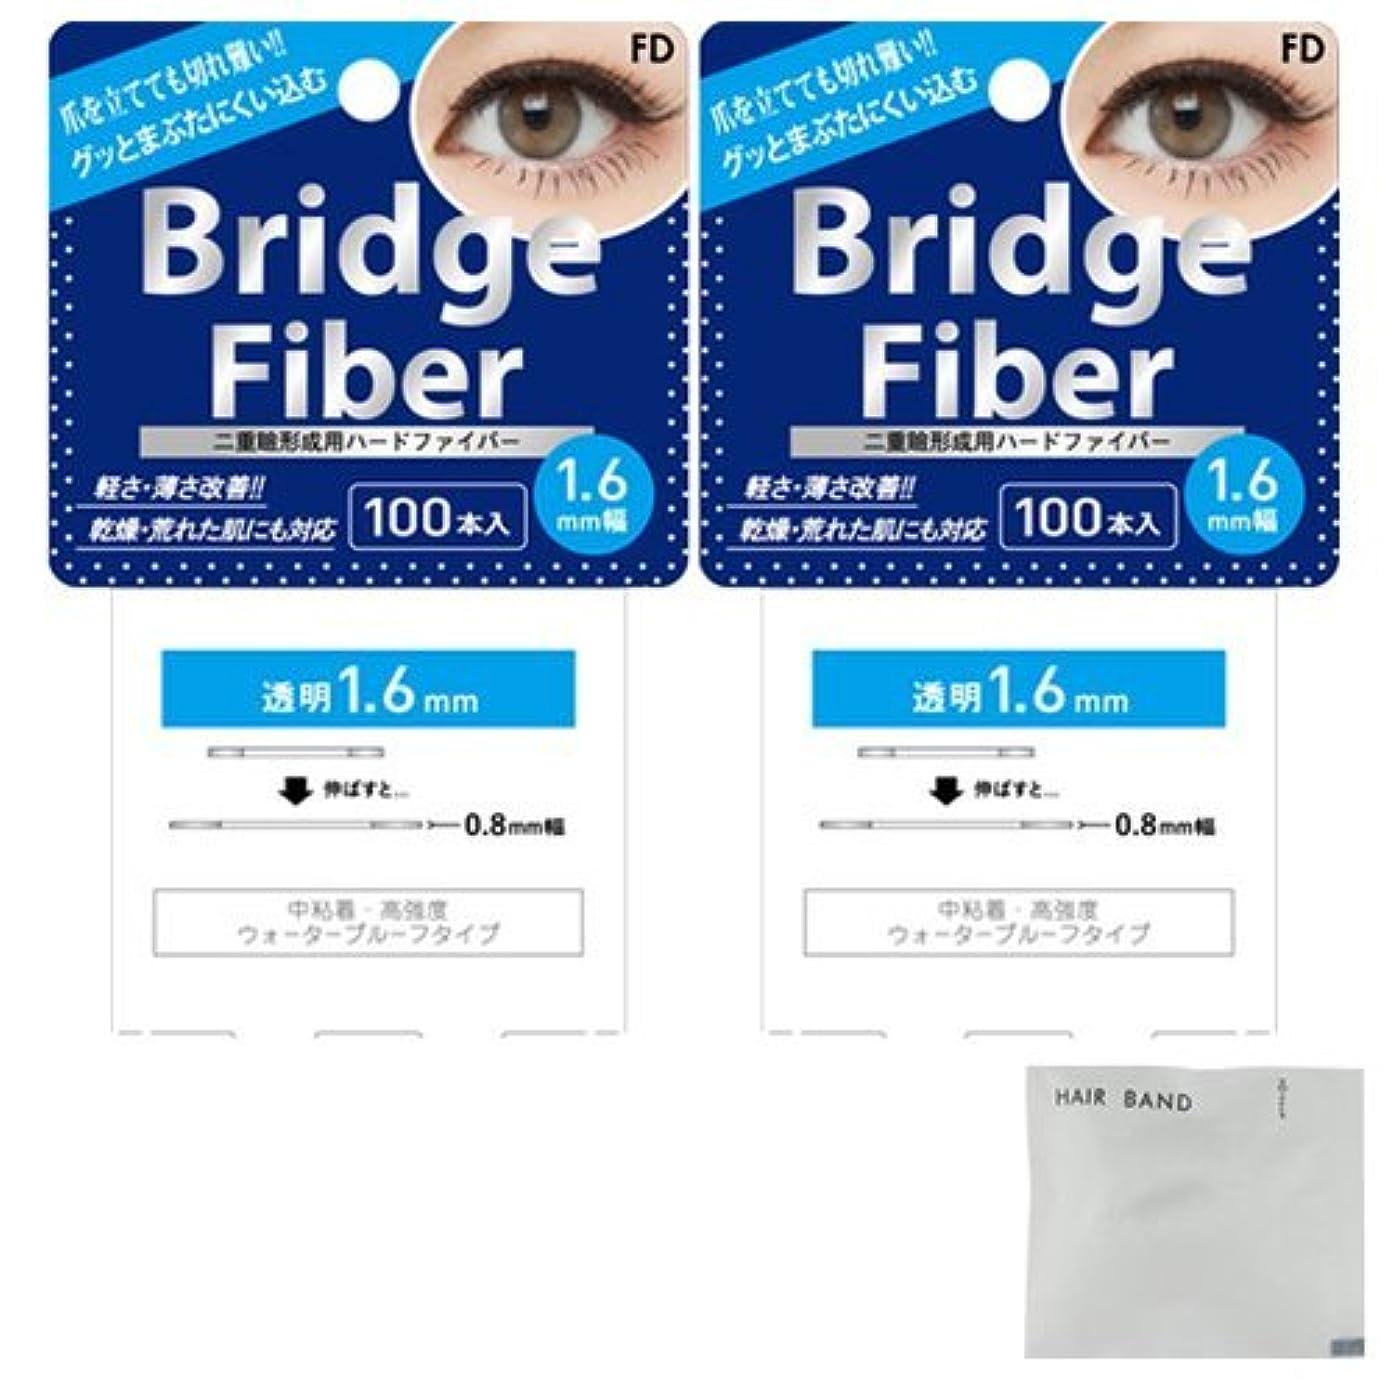 警戒ケープ入るFD ブリッジファイバーⅡ (Bridge Fiber) クリア1.6mm×2個 + ヘアゴム(カラーはおまかせ)セット